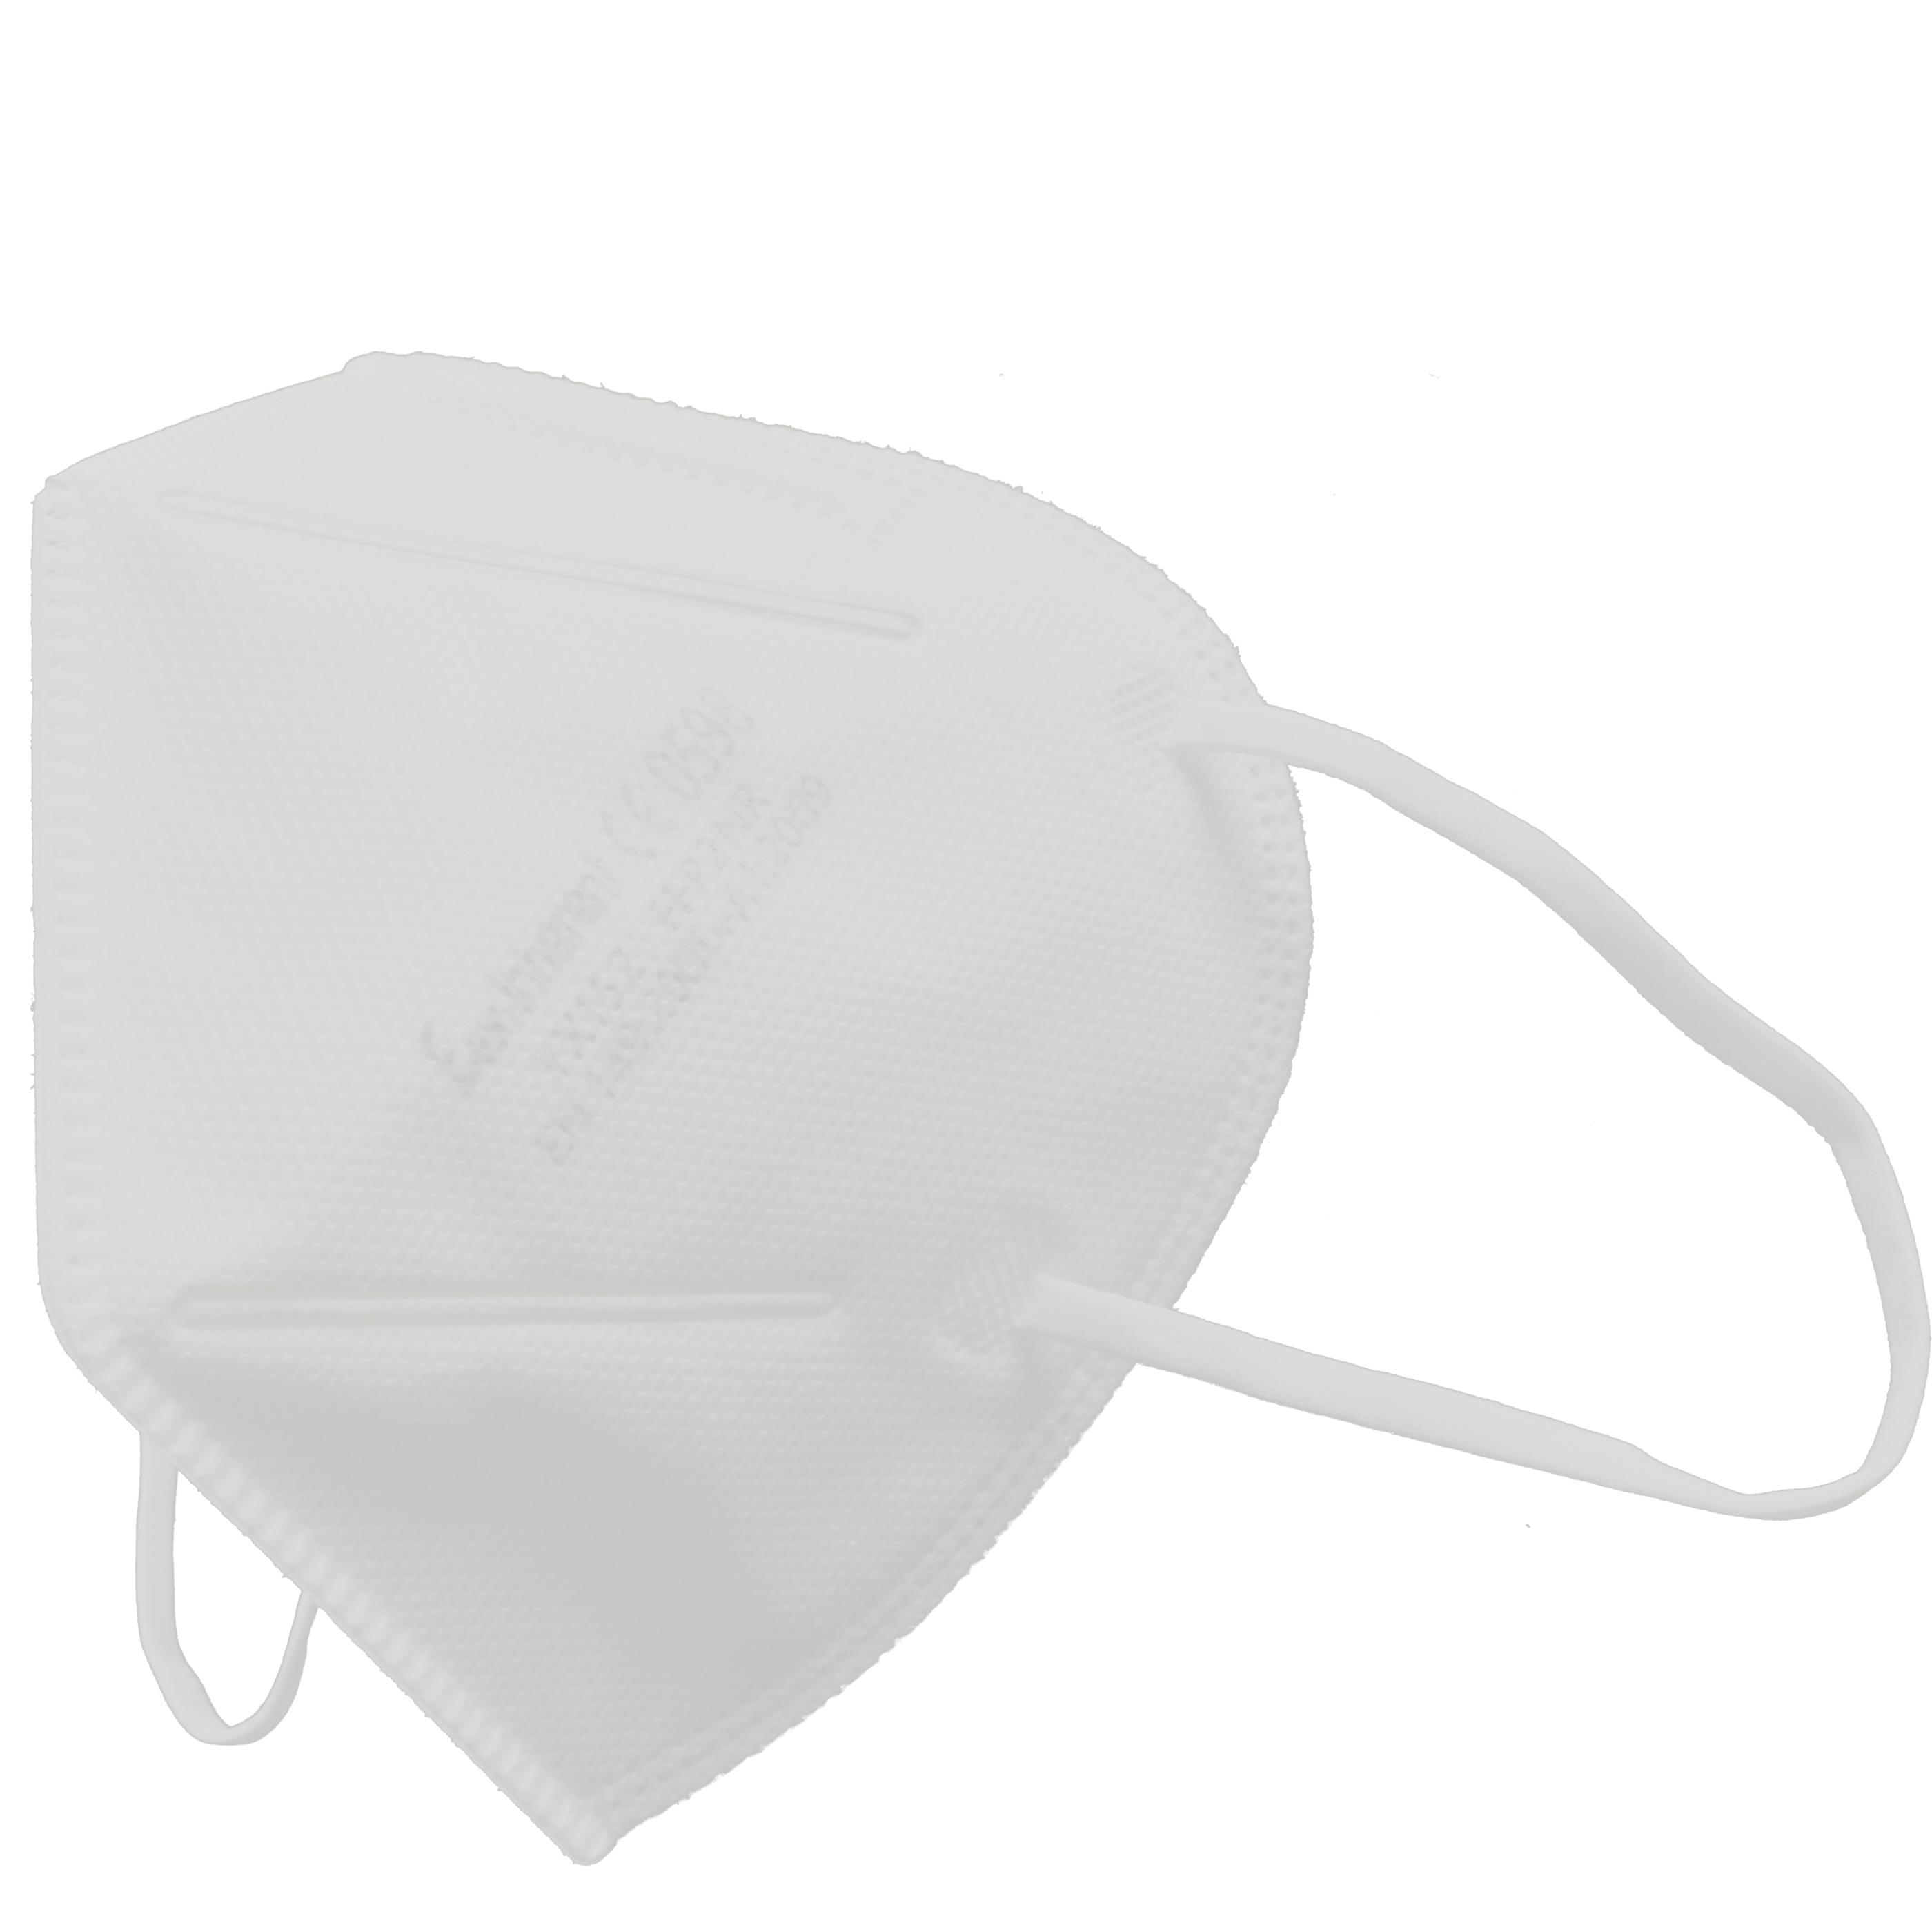 Indexbild 38 - 1 - 1000 FFP2 Atemschutzmasken farbiger Mundschutz 5-lagig CE2163 CRDLIGHT